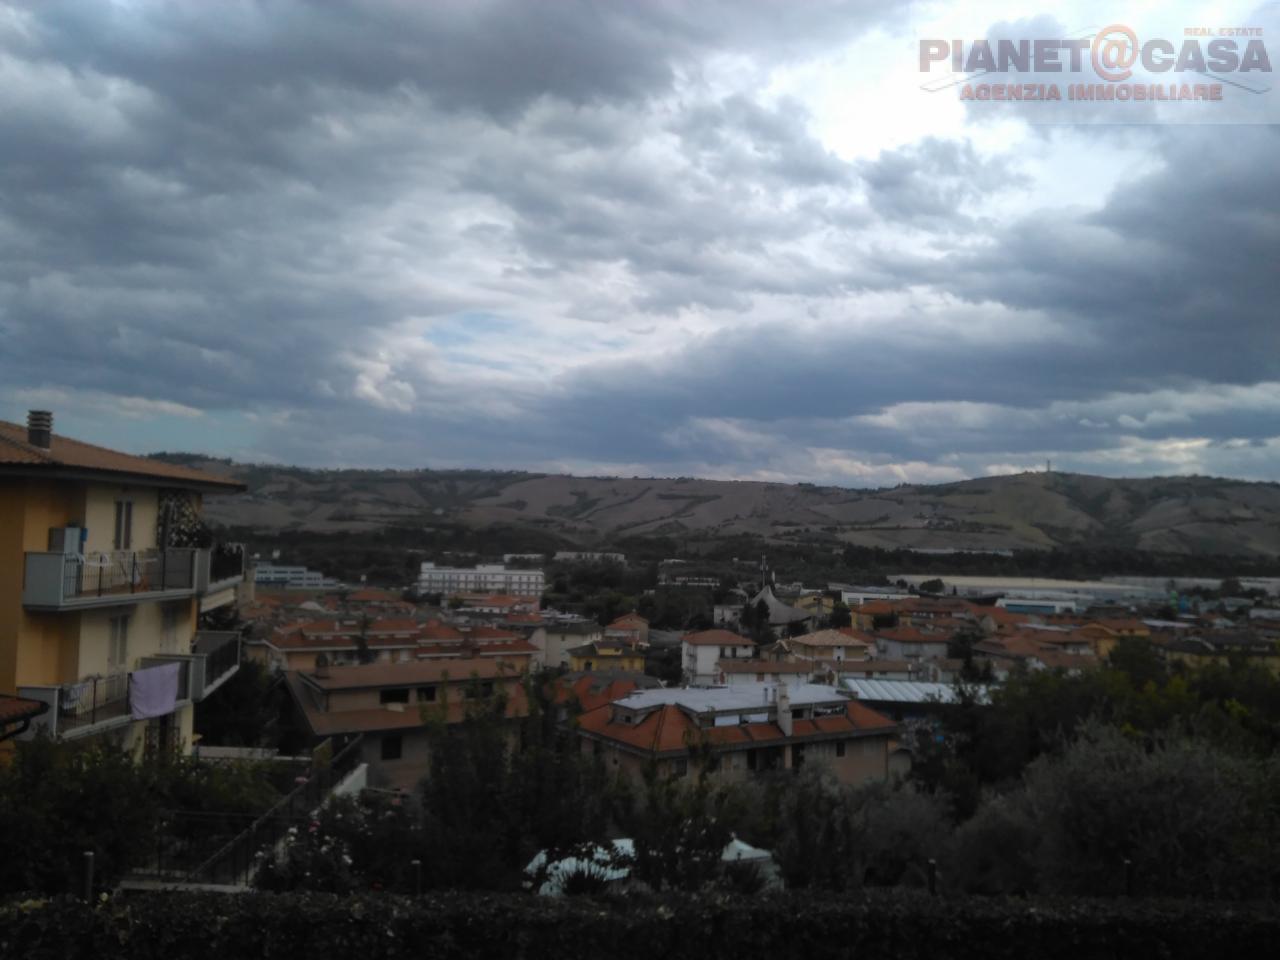 Terreno Edificabile Residenziale in vendita a Castel di Lama, 9999 locali, Trattative riservate | CambioCasa.it